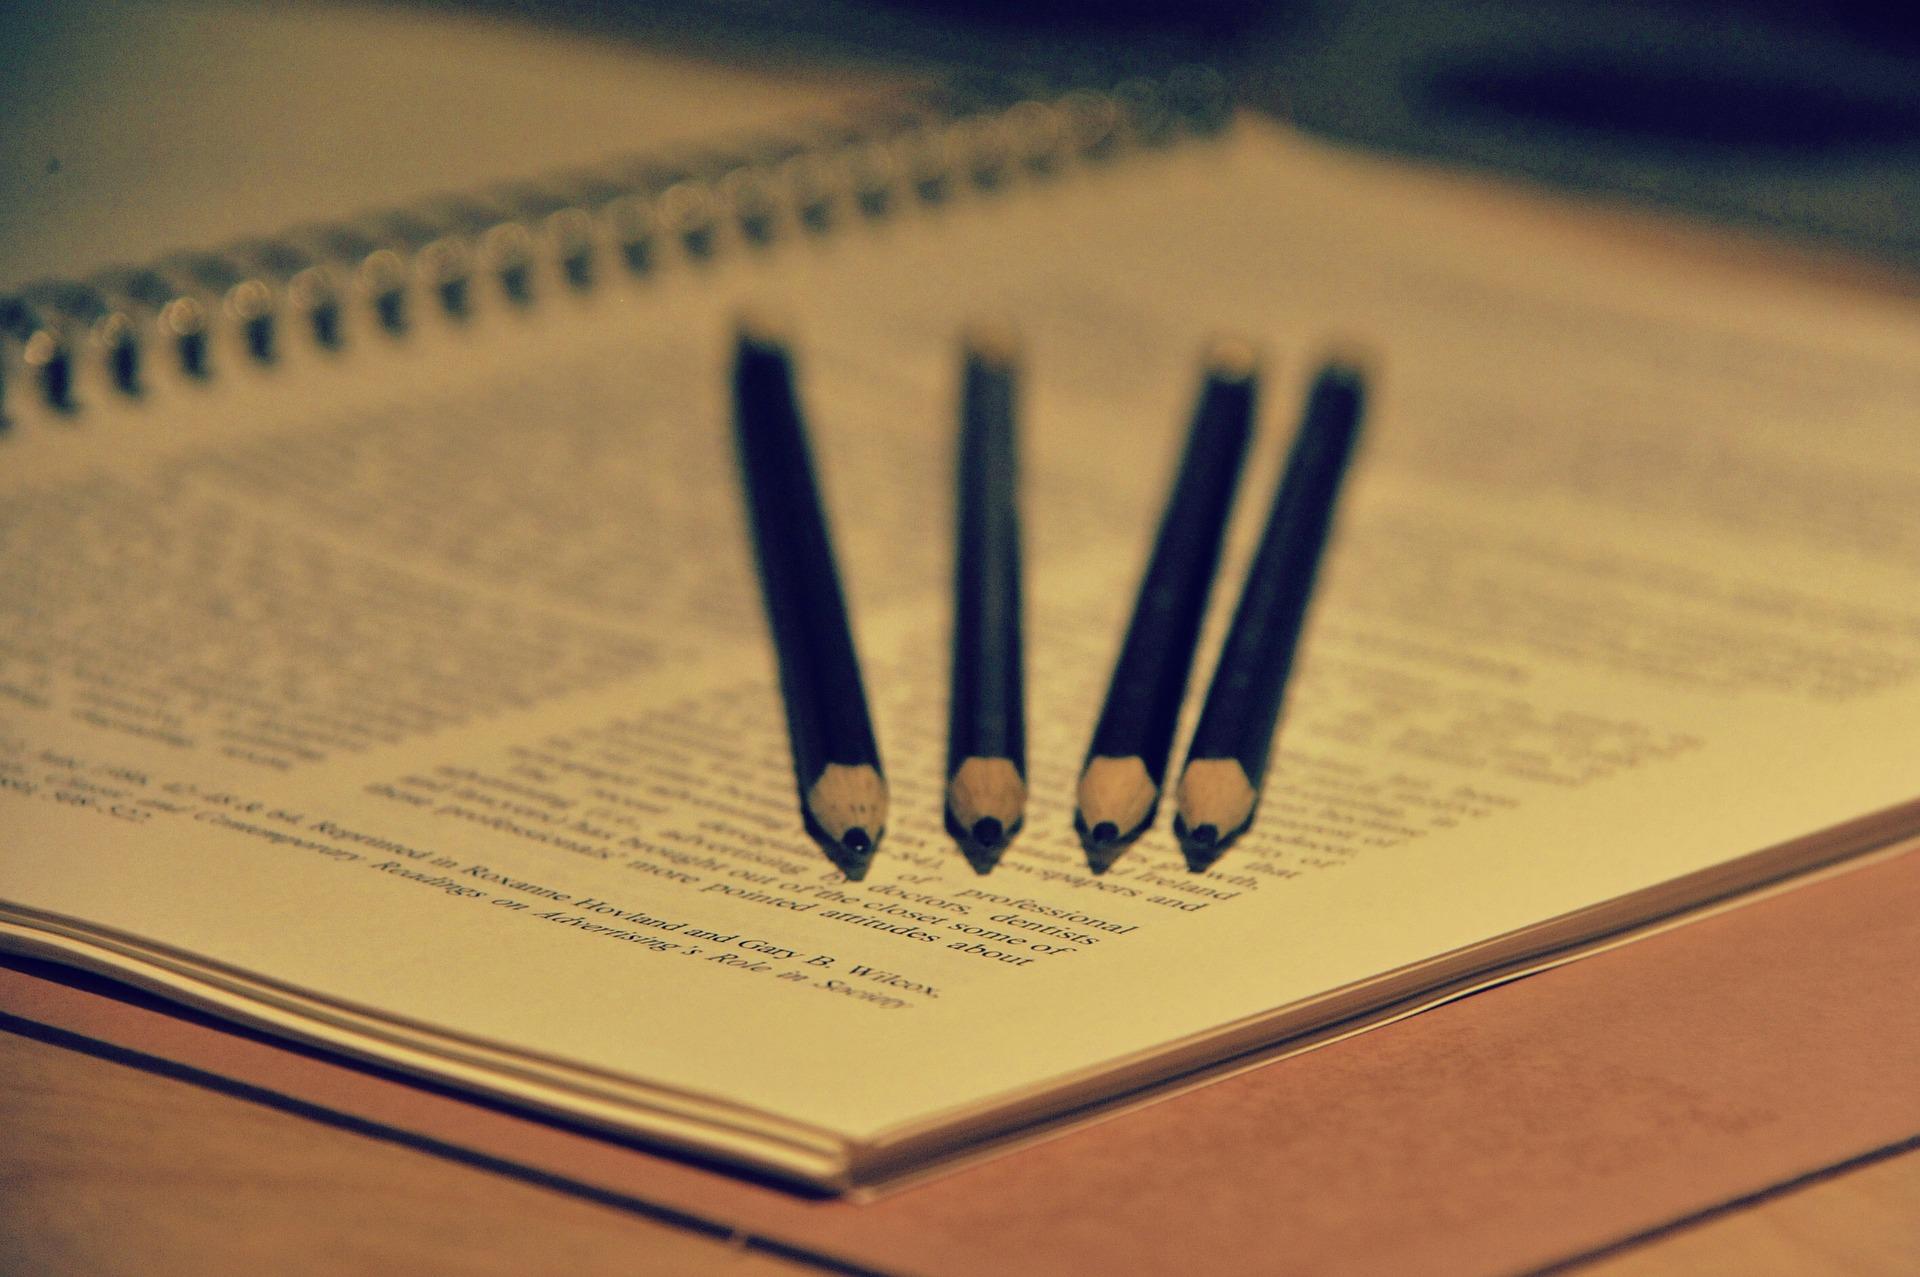 志望動機は書き出しで決まる!~企業が見ているポイントと就活で使える書き方を紹介~